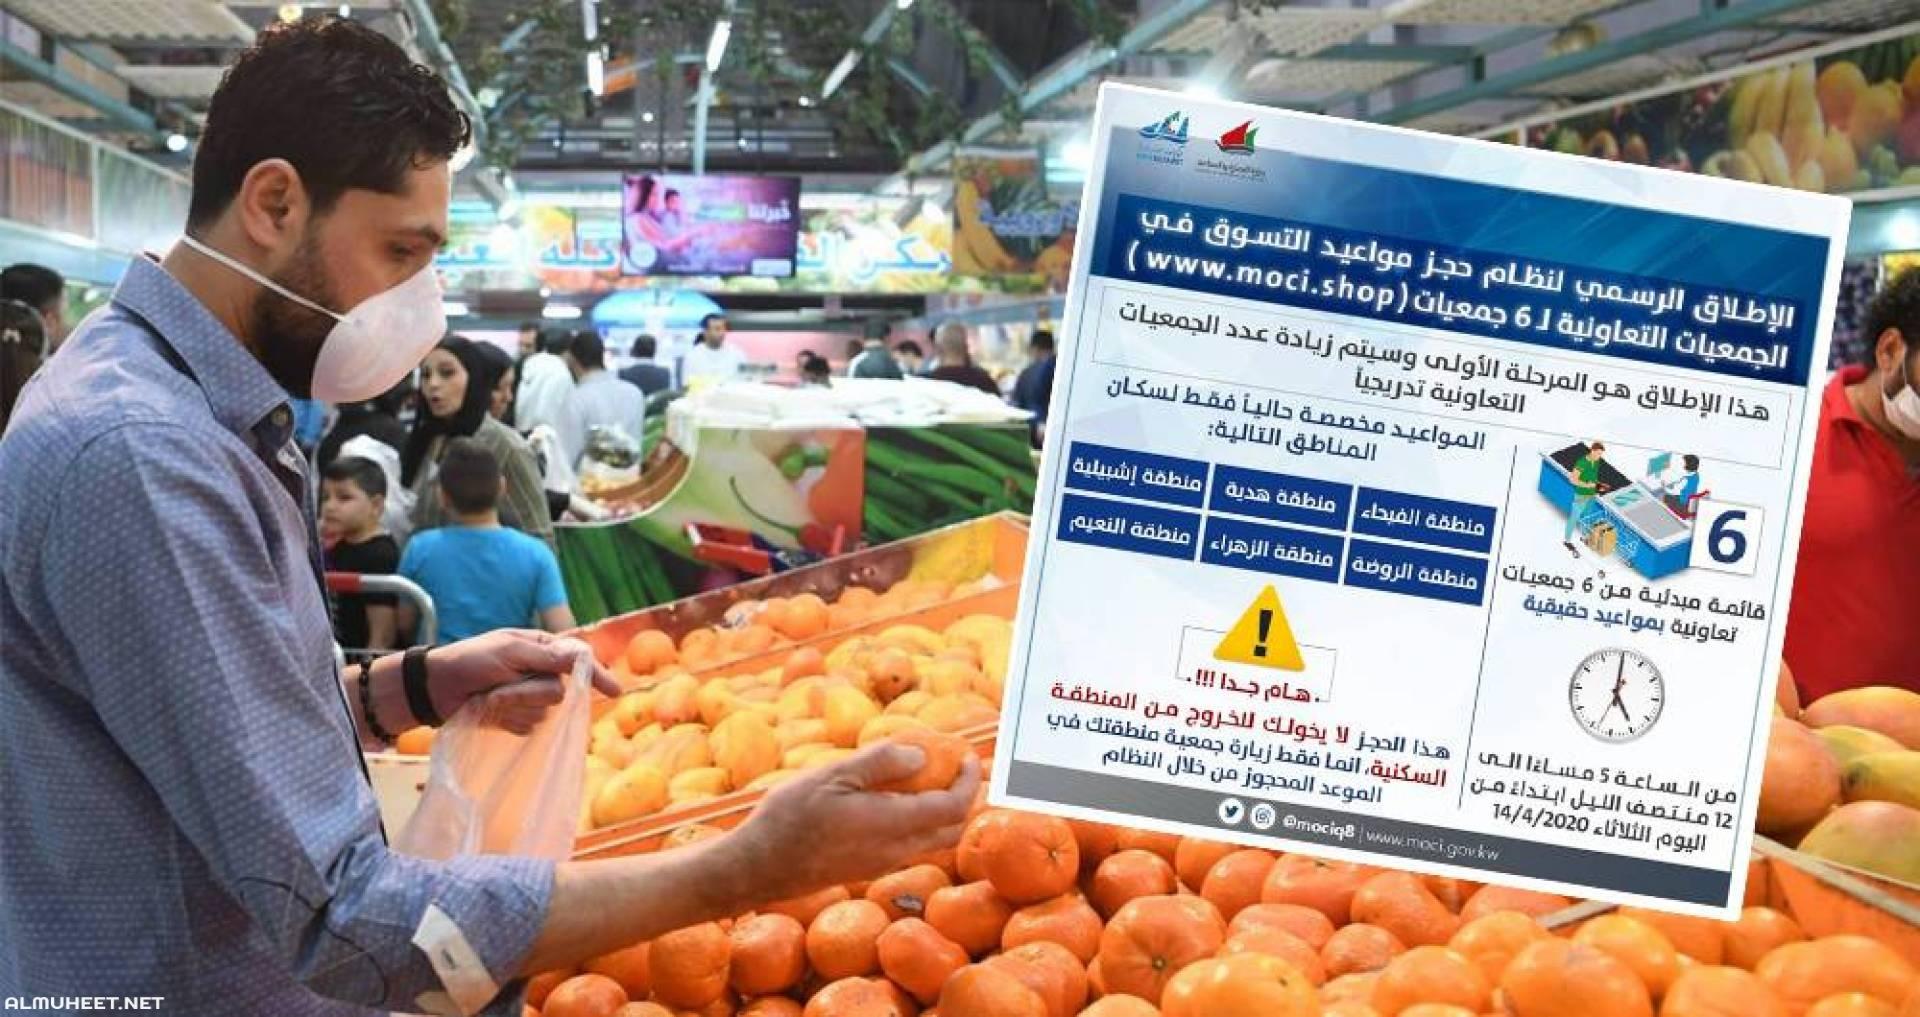 خطوات حجز مواعيد التسوق الغذائي الكويت